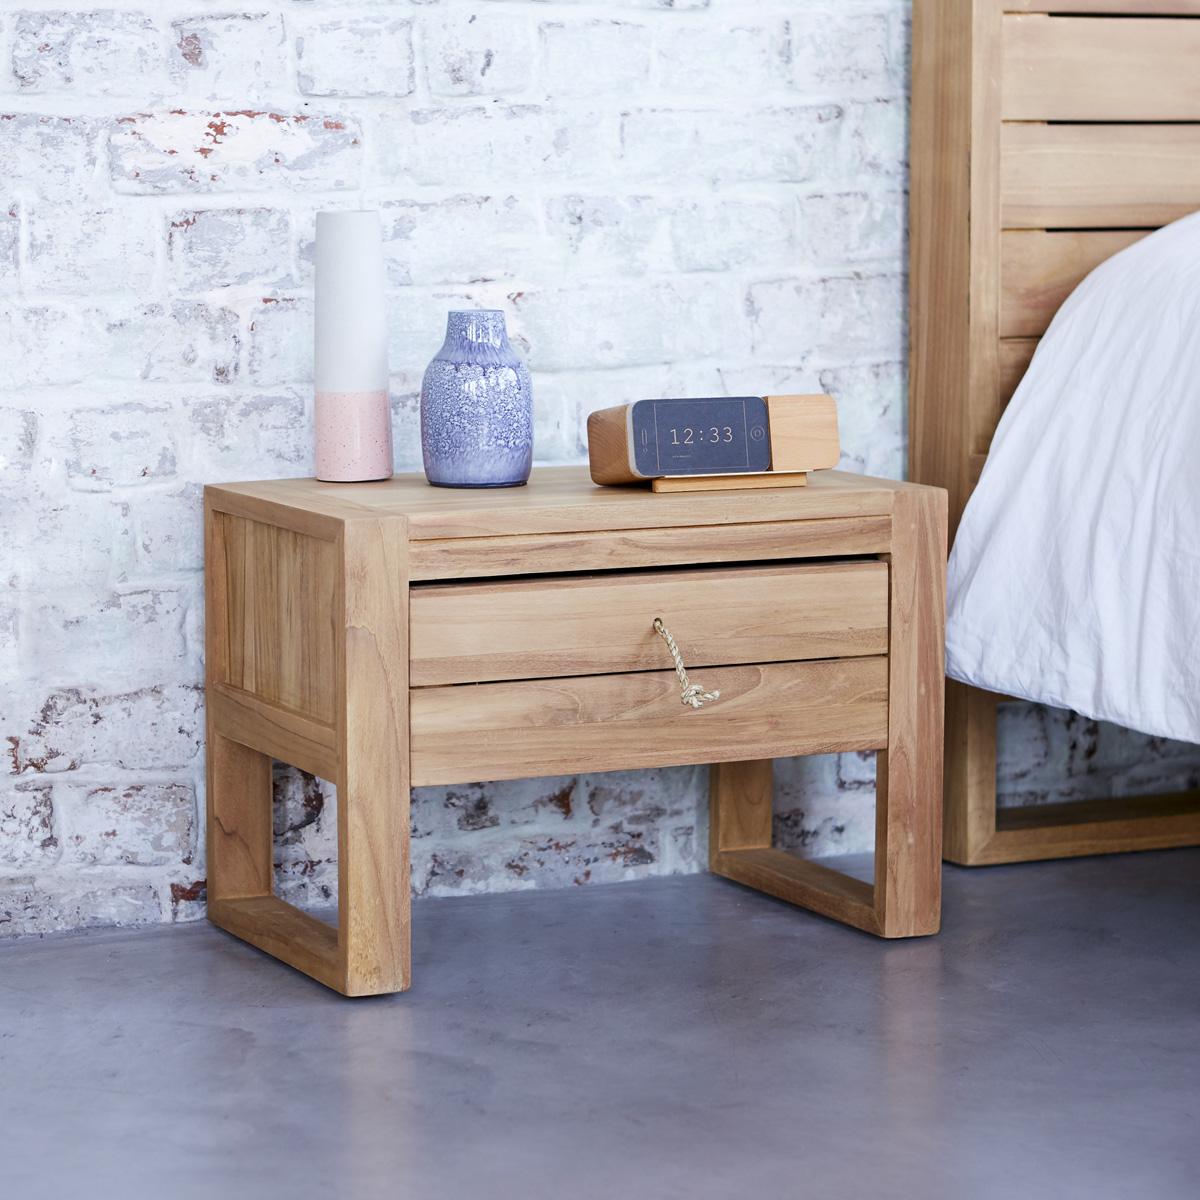 Minimalys solid teak Bedside table